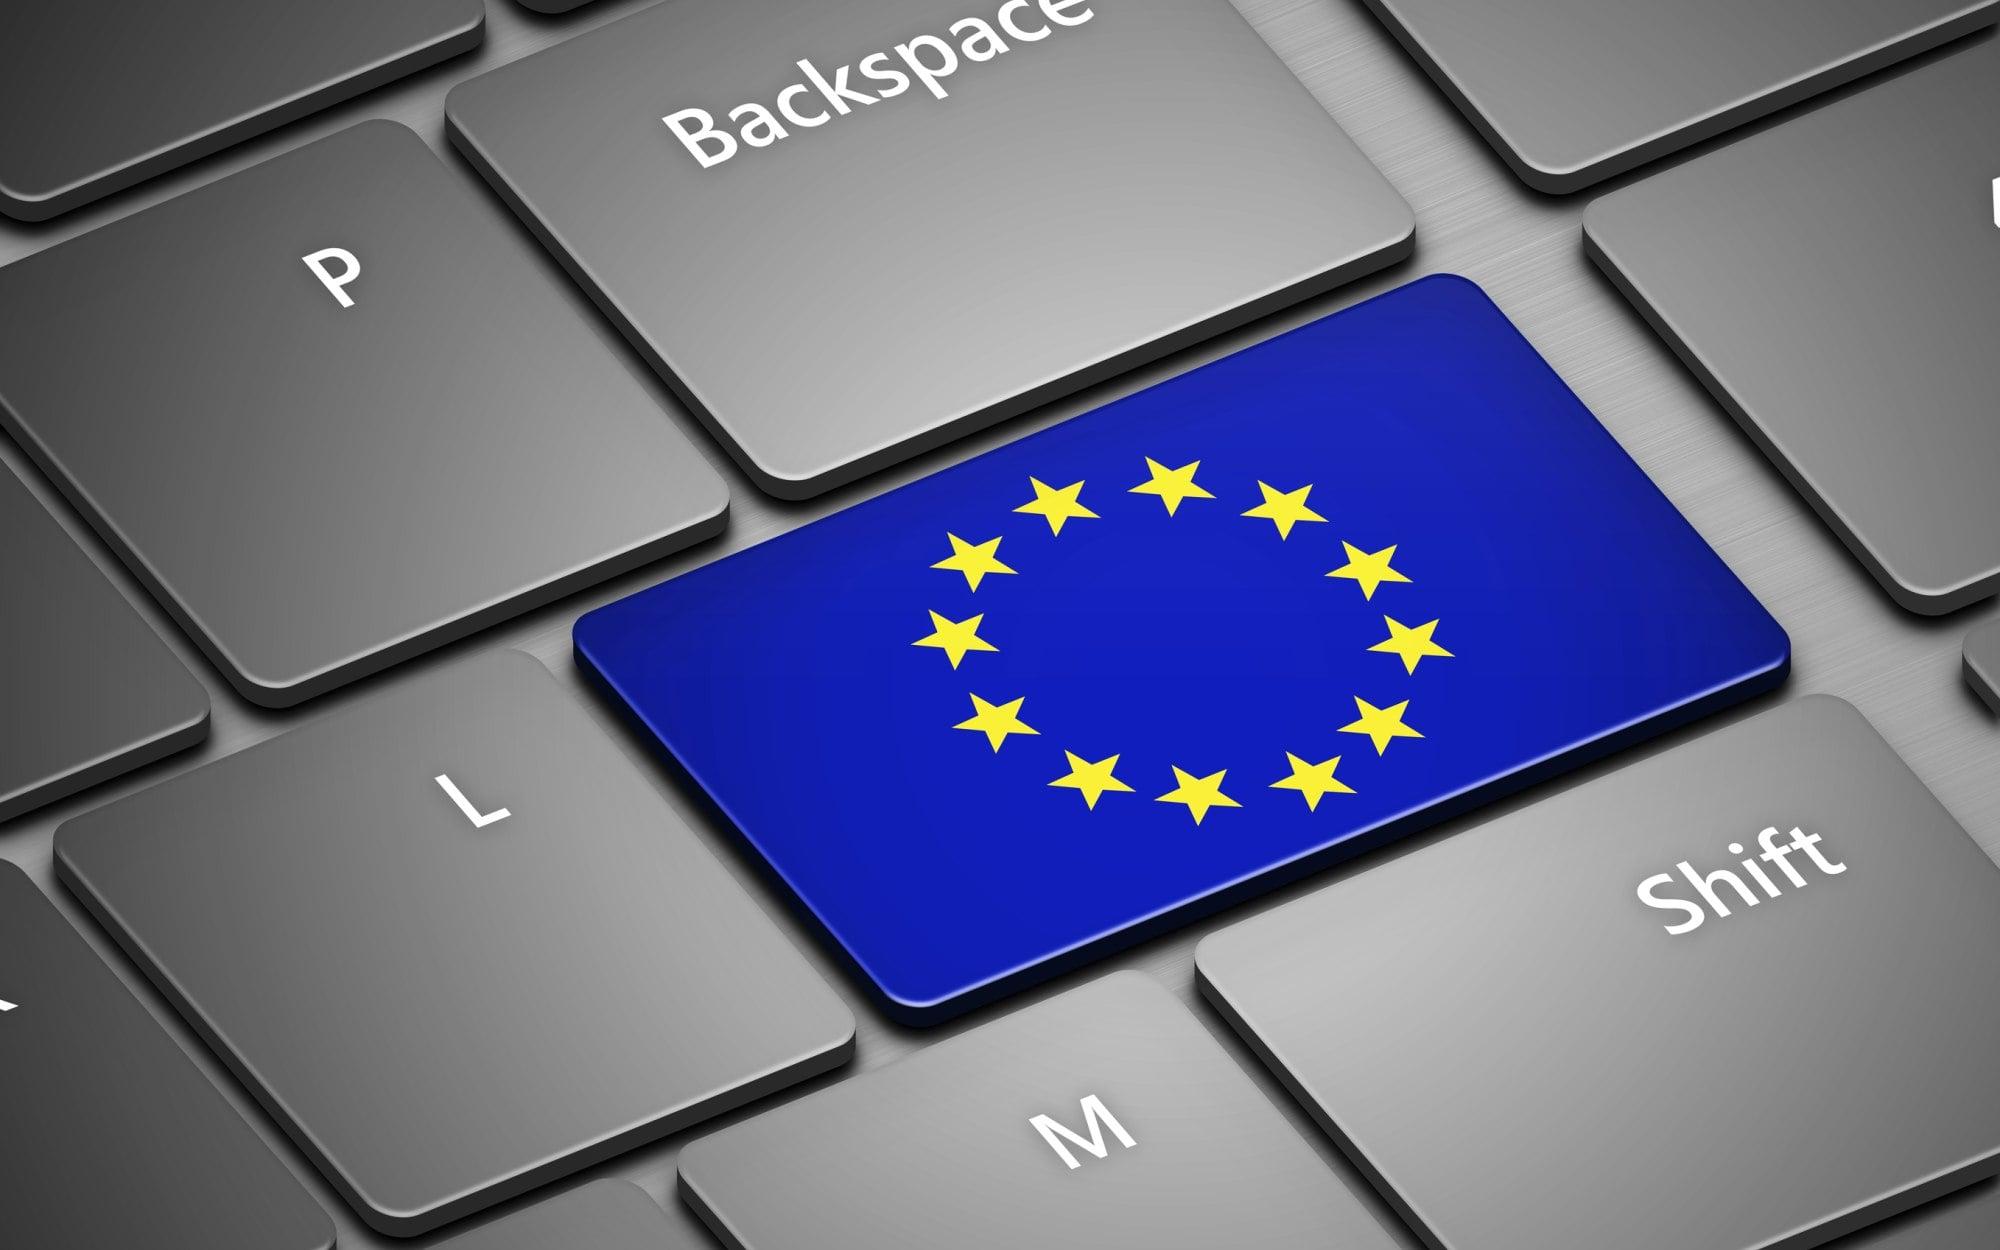 IT-компании Европы выступают за возможность самостоятельно удалять нелегальный контент